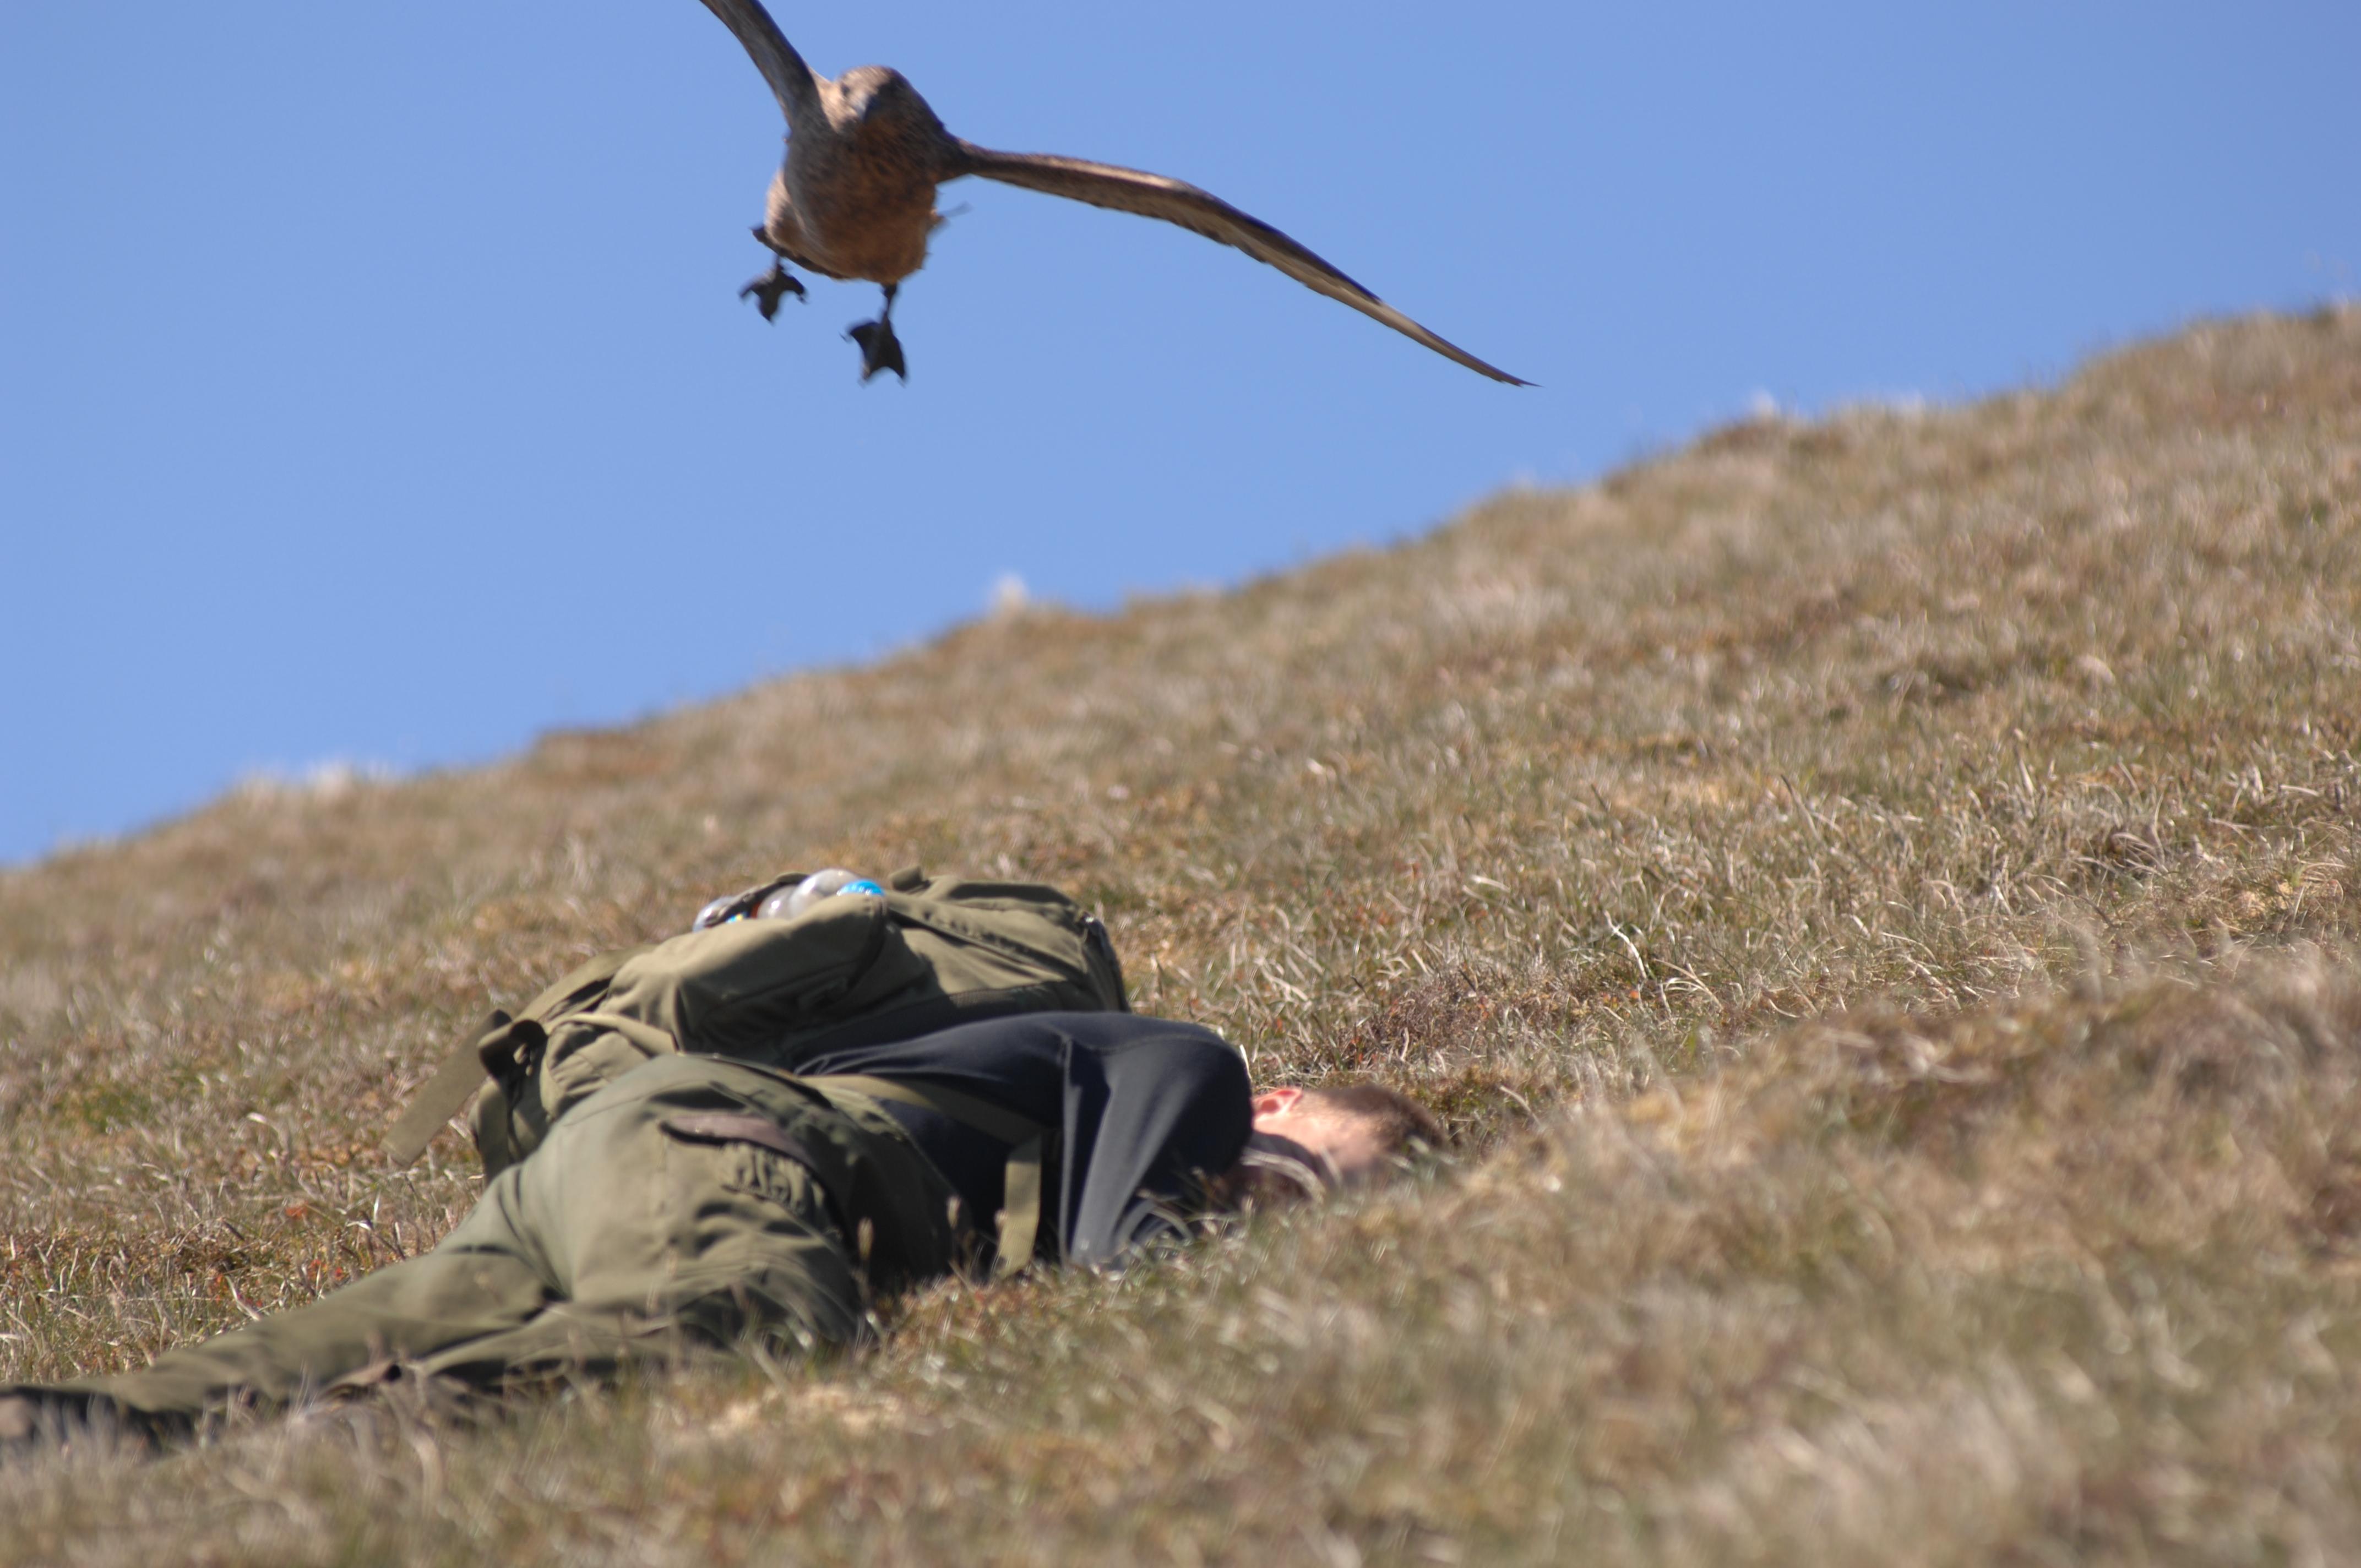 Beware of the low flying Skuas